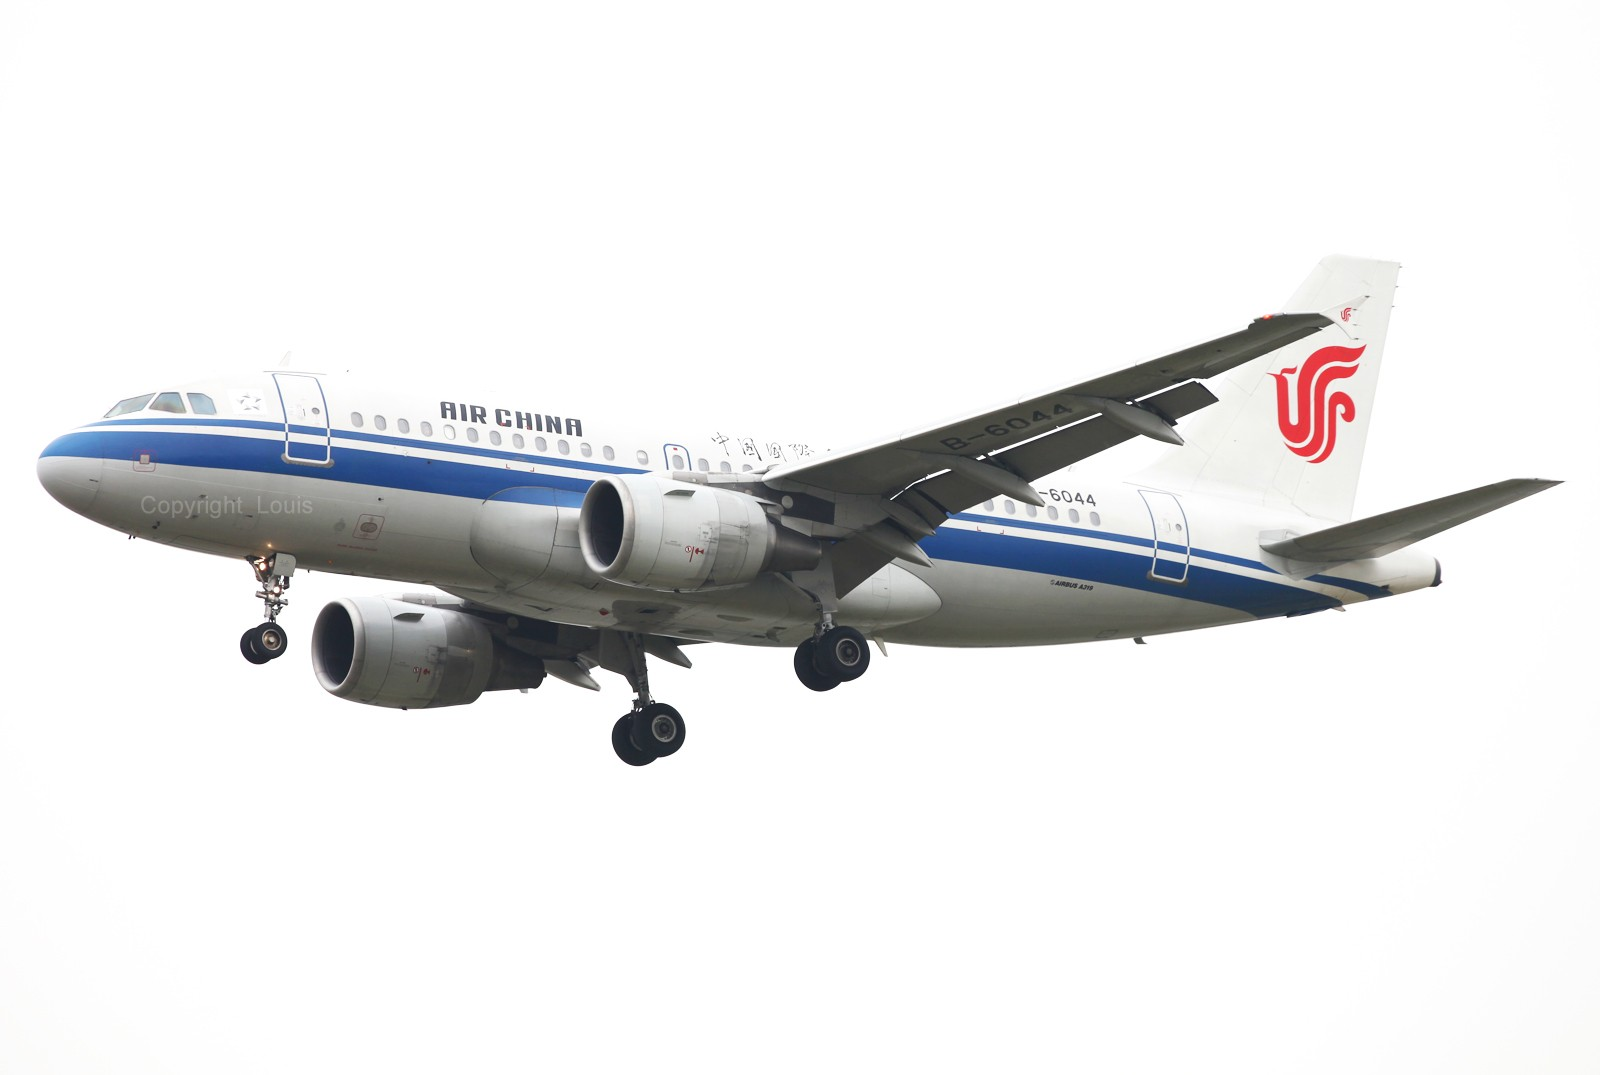 Re:[原创]好天儿啊~~~~~~~~~~~~~~~~~~~~~~~发两张图冒个泡儿 AIRBUS A319-100 B-6044 中国北京首都机场